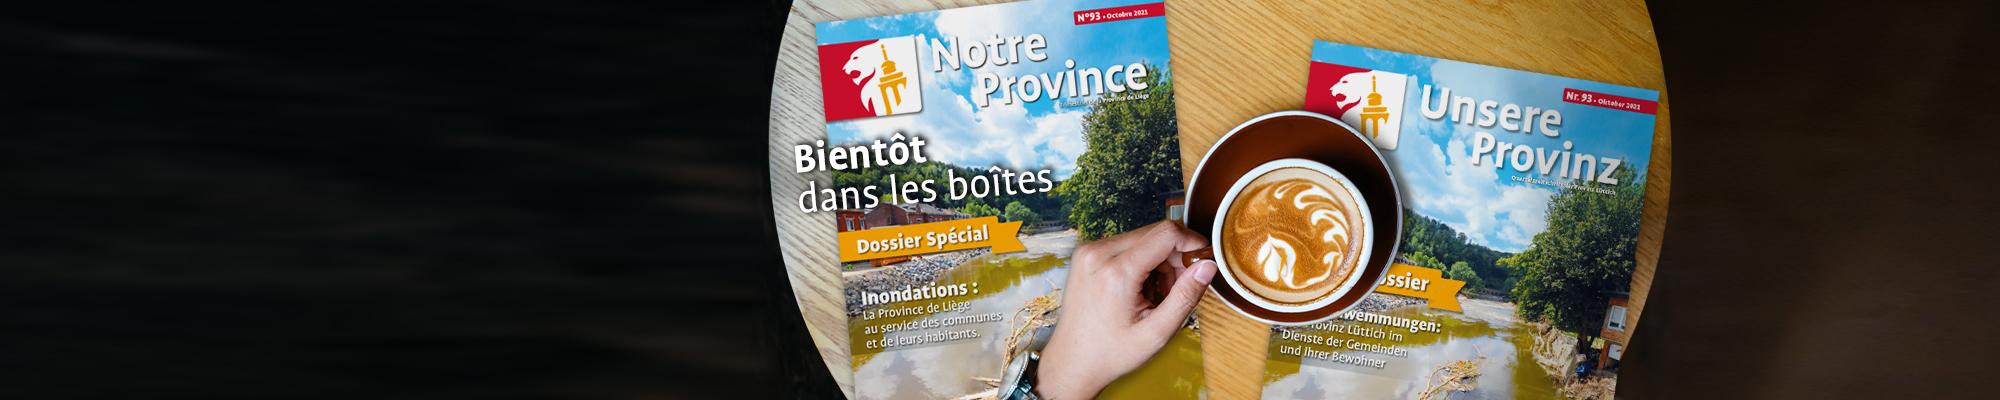 """Le nouveau numéro du magazine """"Notre Province"""" est disponible"""